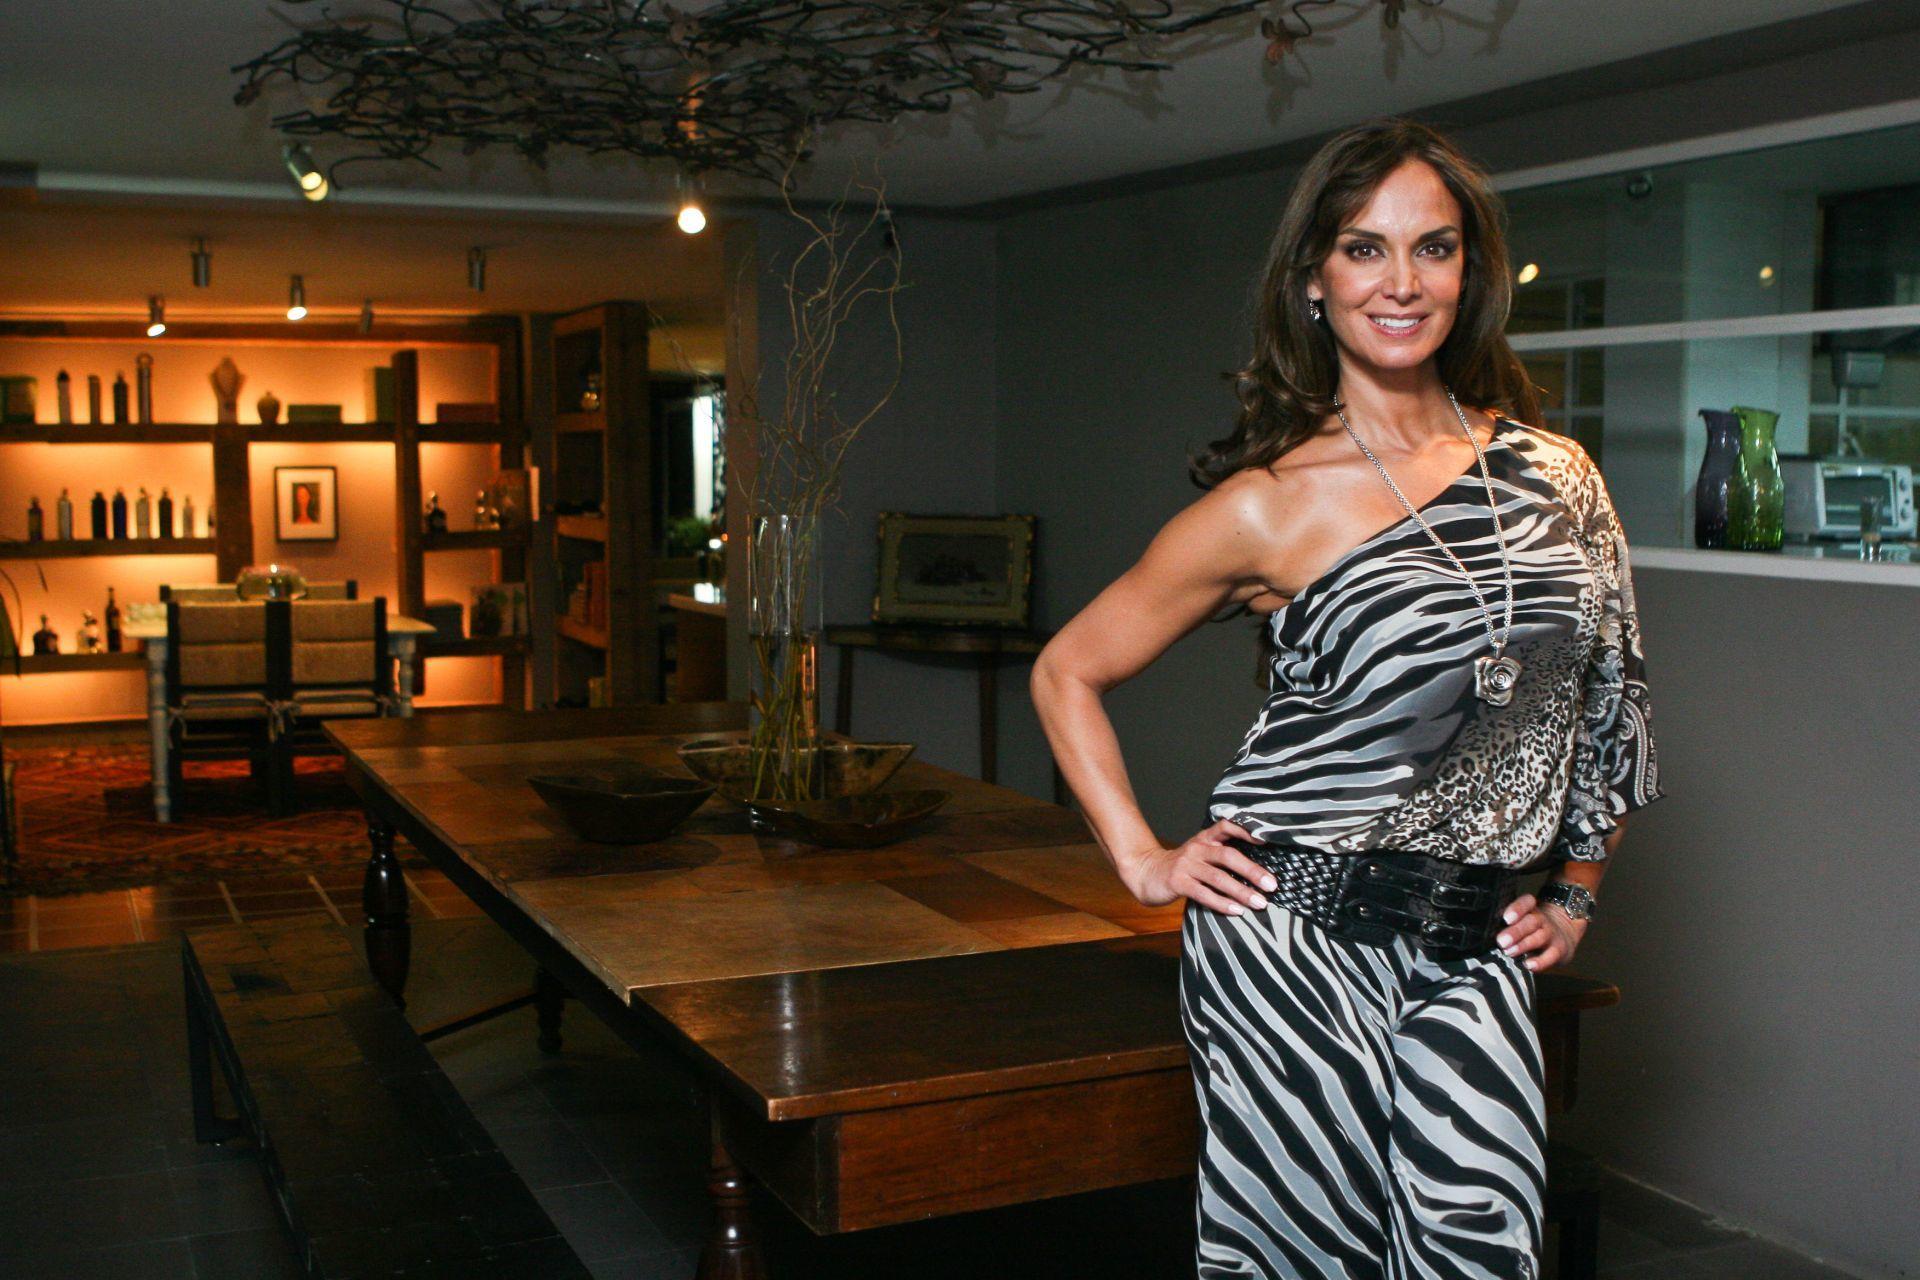 MÉXICO, D.F., 24MARZO2011.- Lupita Jones, ex miss Mundo y directora de Nuestra Belleza México, cortó el liston inaugural del estudio Bikram Yoga, en Polanco.